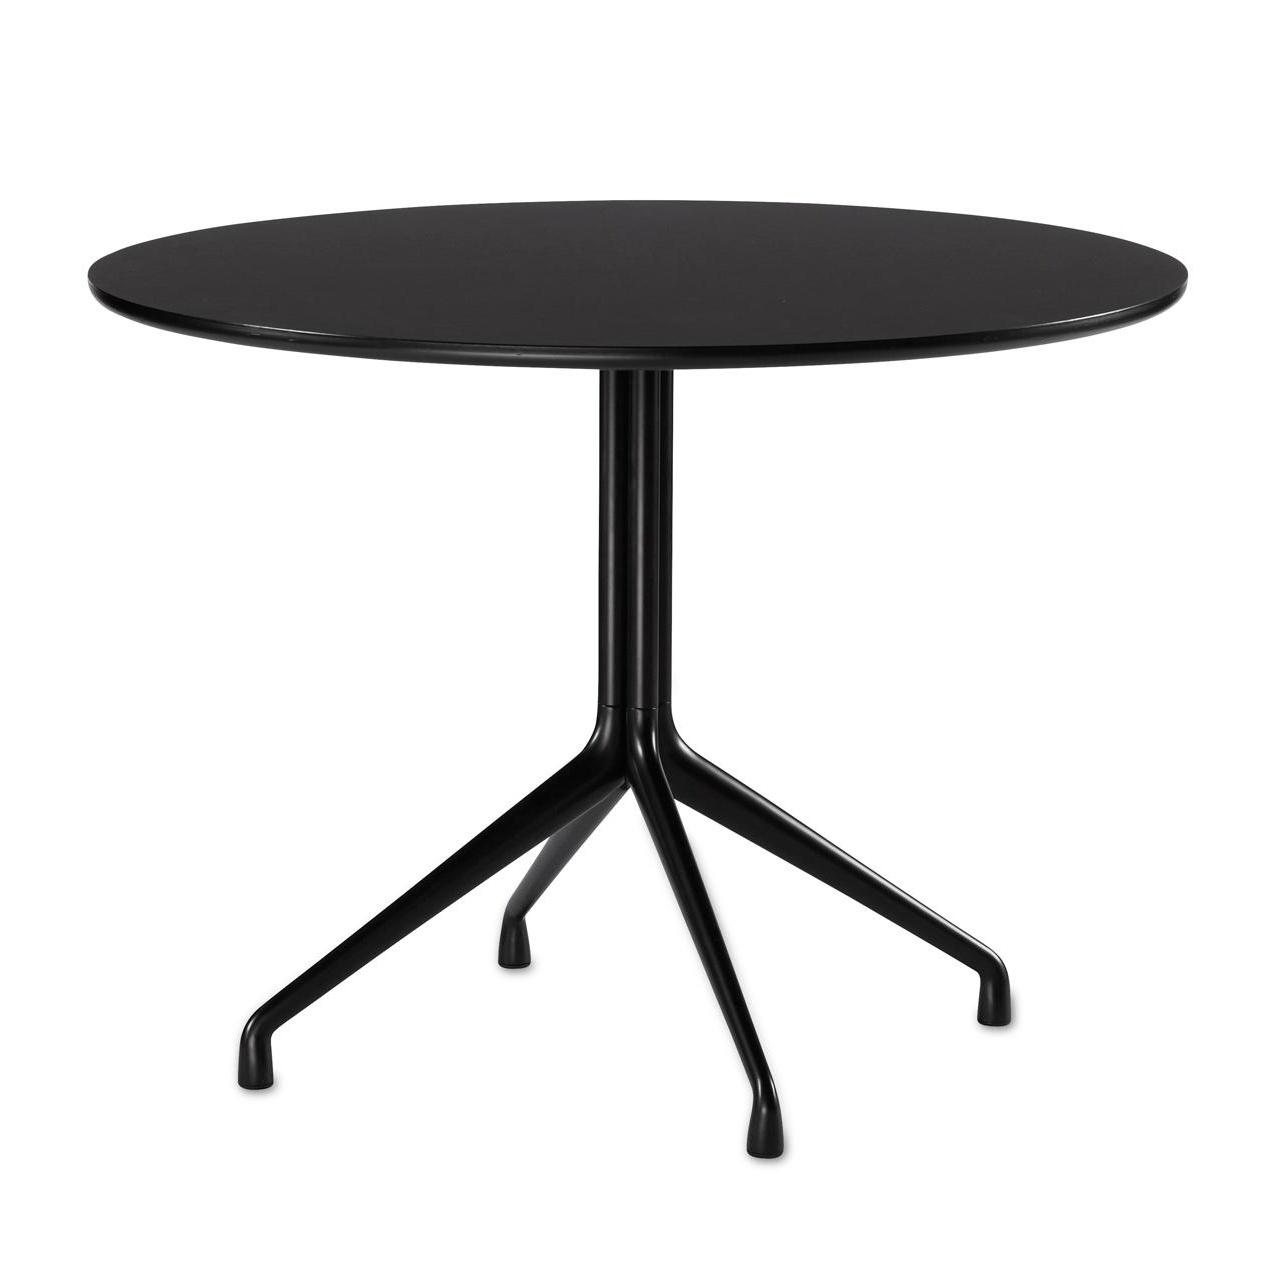 HAY - About a Table AAT20 Esstisch rund Ø100cm - schwarz/Tischplatte Laminat/Kante schwarz/4 Beine | Baumarkt > Bodenbeläge > Laminat | HAY